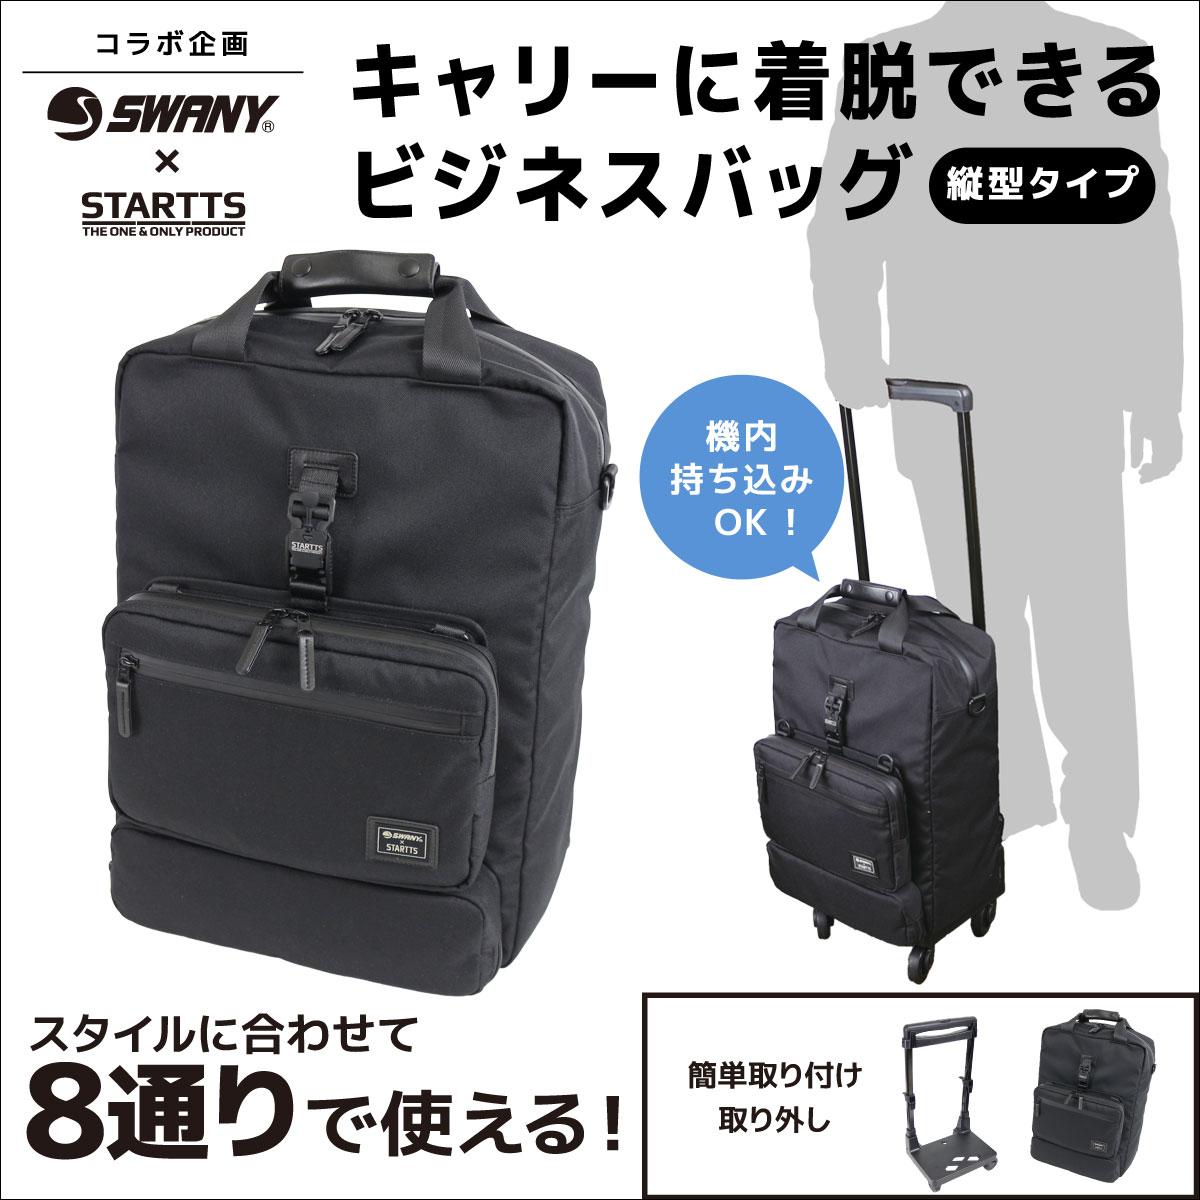 キャリーに着脱できるビジネスバッグ(縦型) 機内持ち込み可能【SWANY・STARTTSコラボ製品】32590